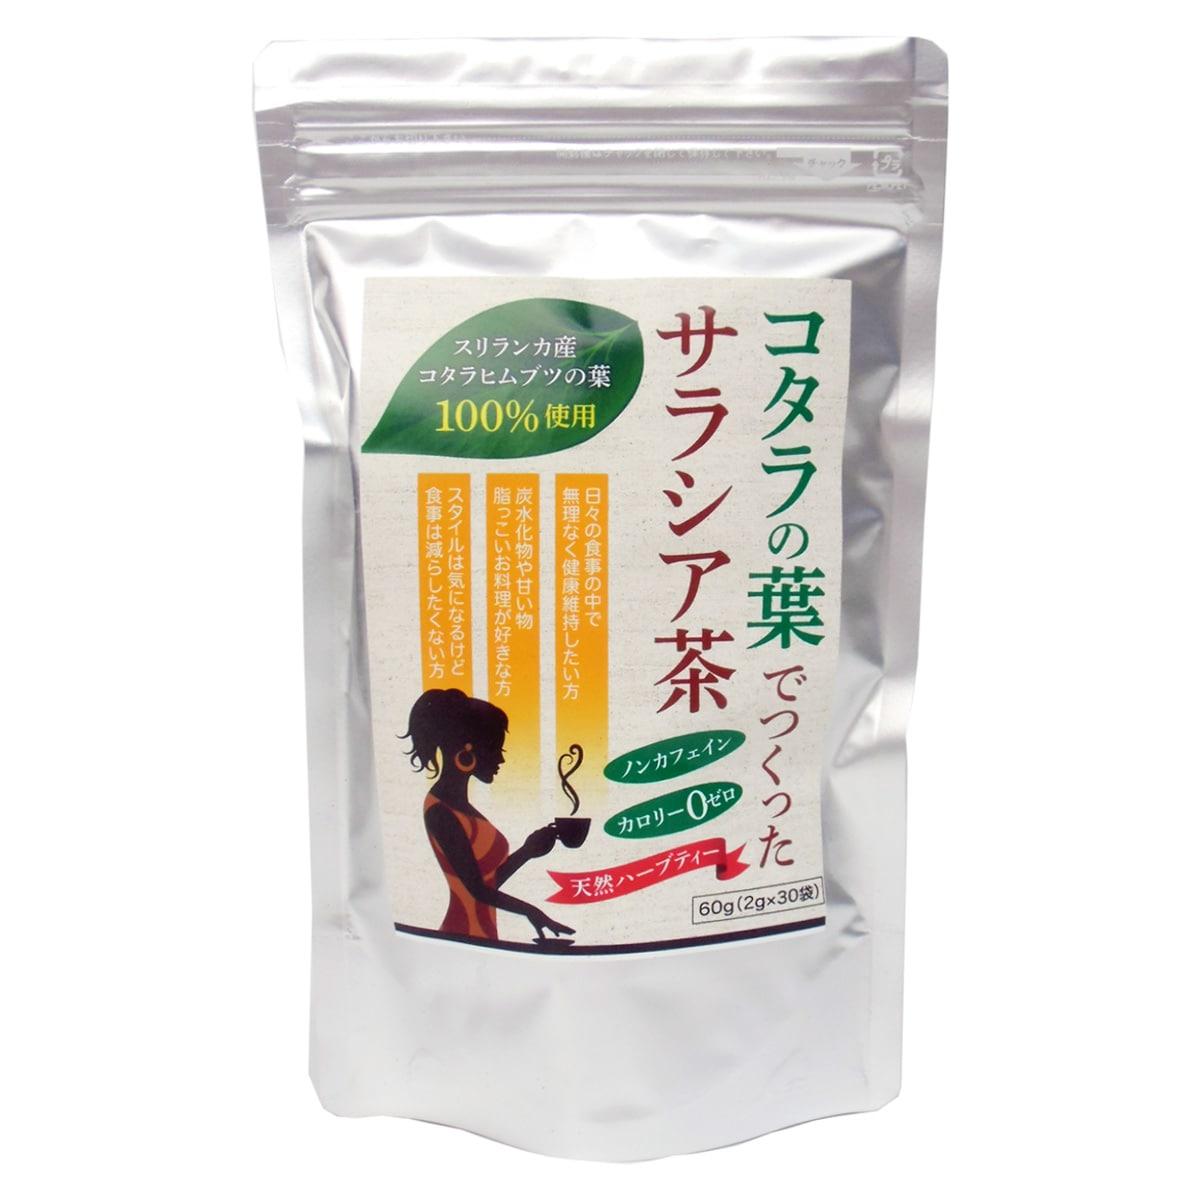 【60g (2g×30袋)】コタラの葉でつくったサラシア茶 (茶葉タイプ)